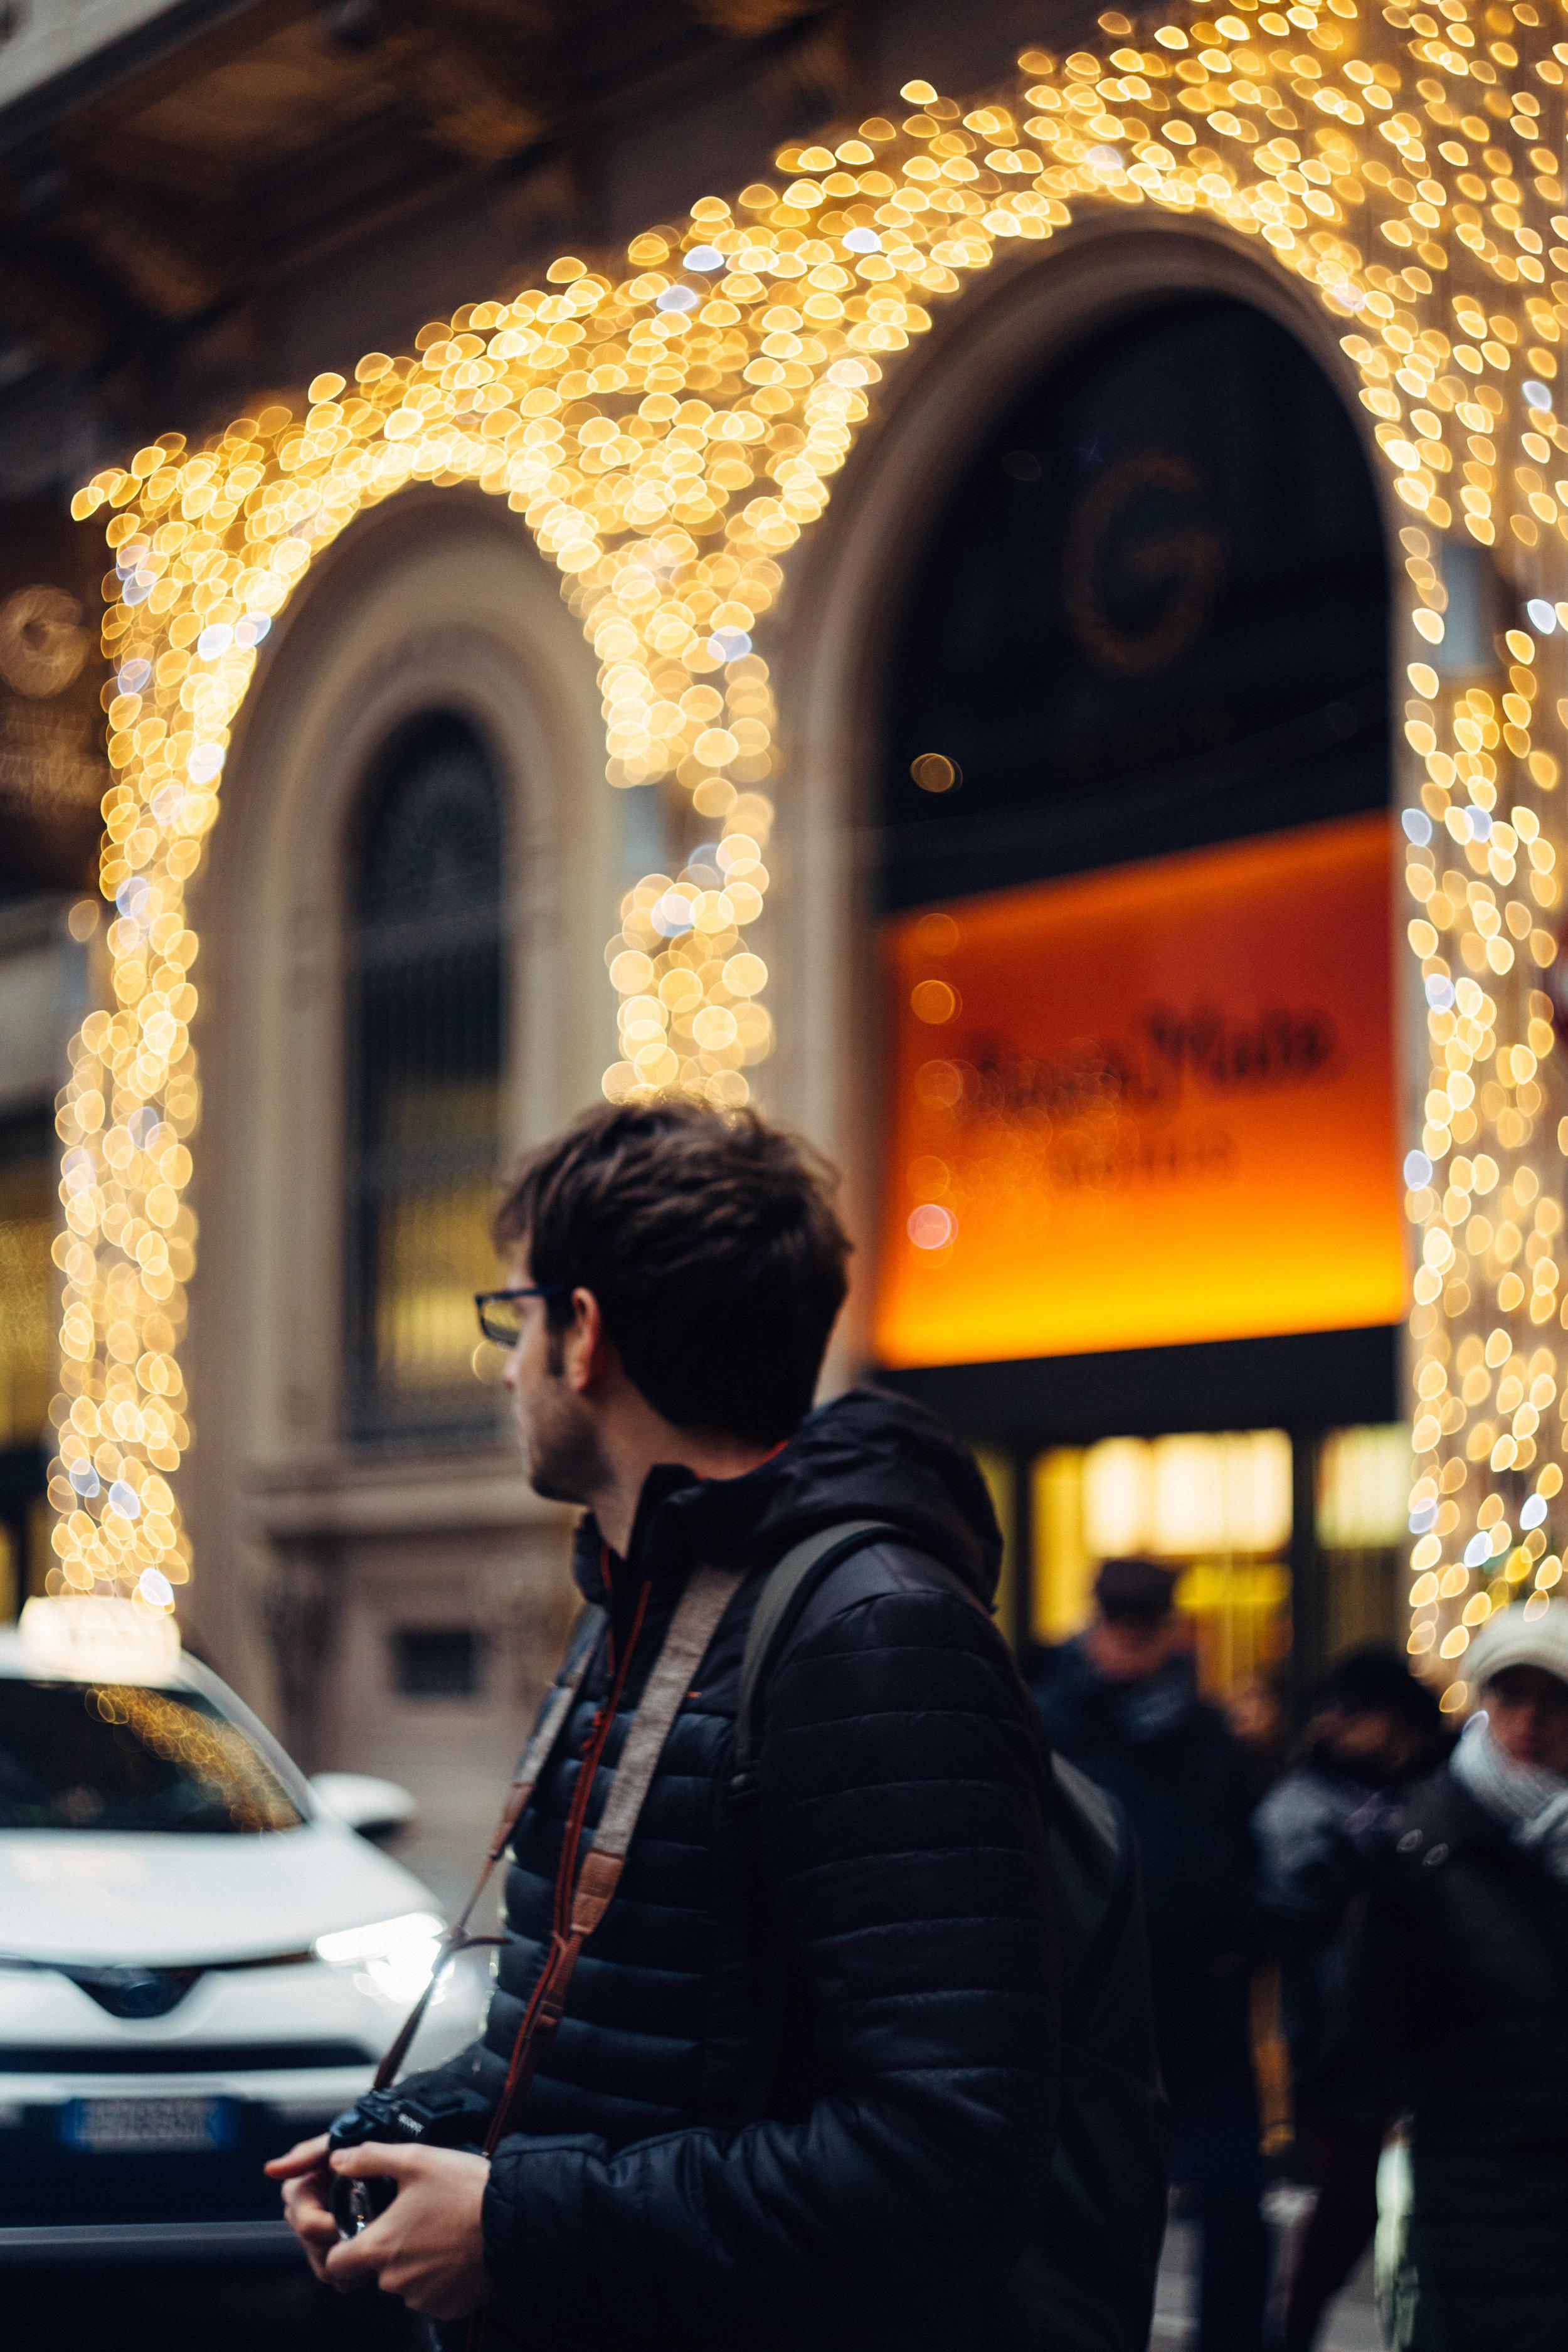 004 - 8-9-10 dicembre.jpg